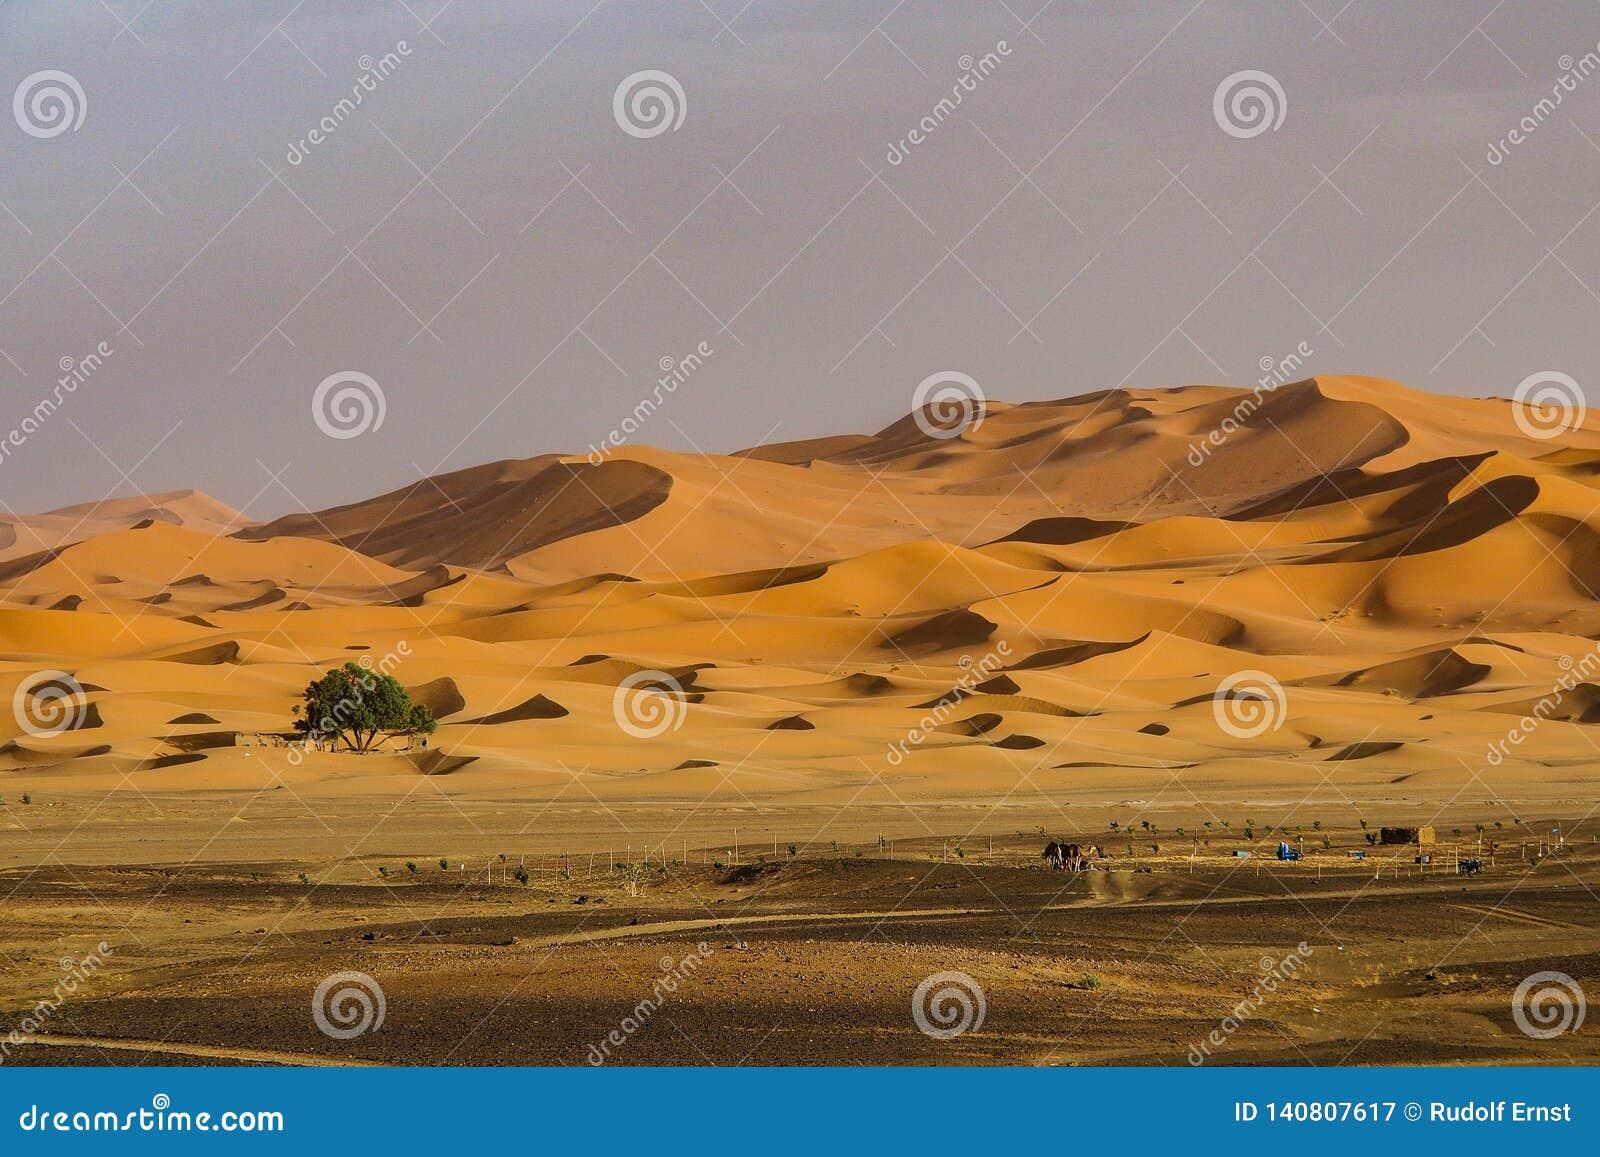 In de duinen van Erg Chebbi dichtbij Merzouga in zuidoostelijk Marokko